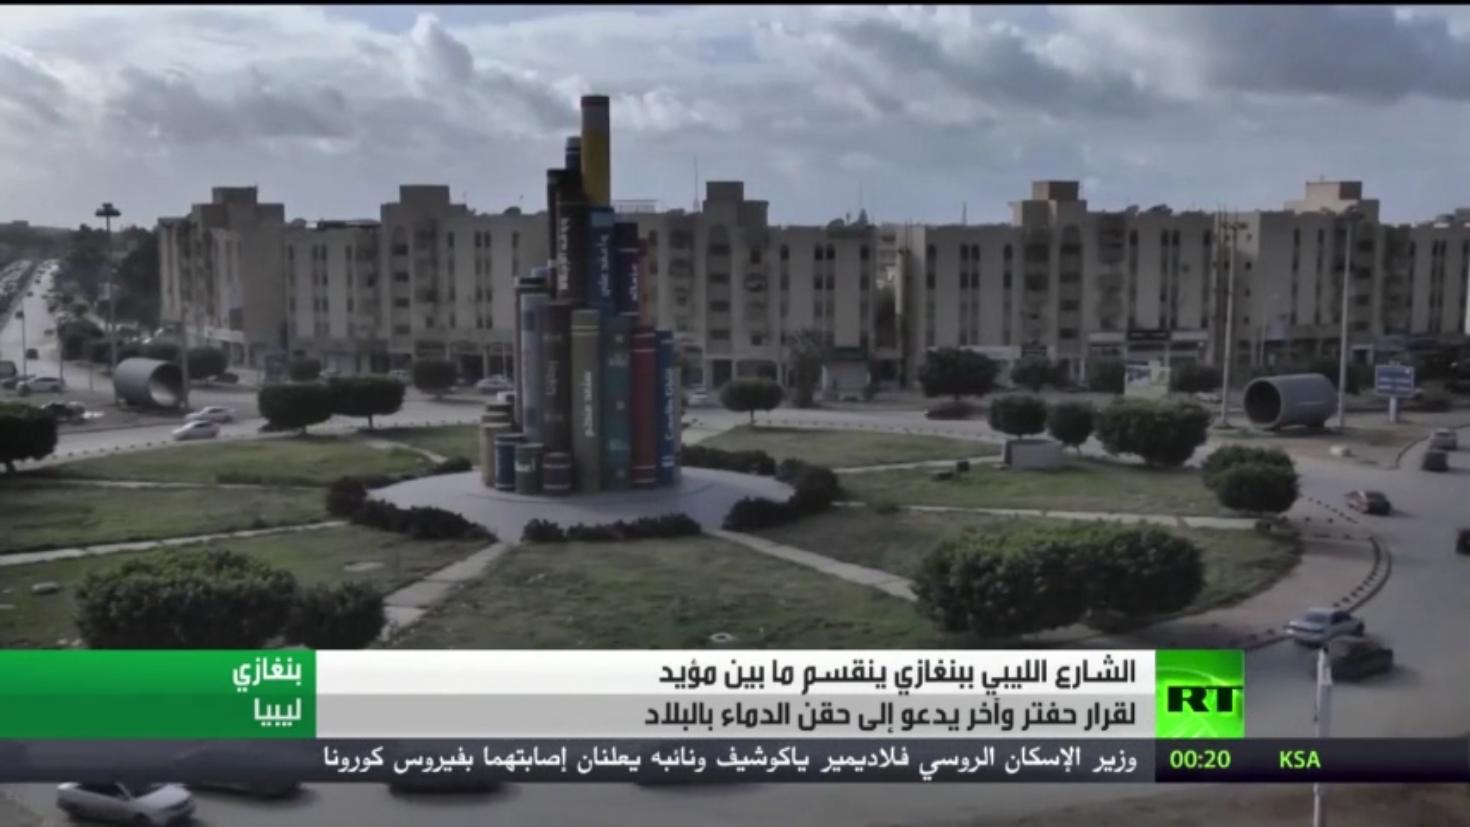 بنغازي..بين دعم لقرار حفتر ودعوة لحقن الدماء